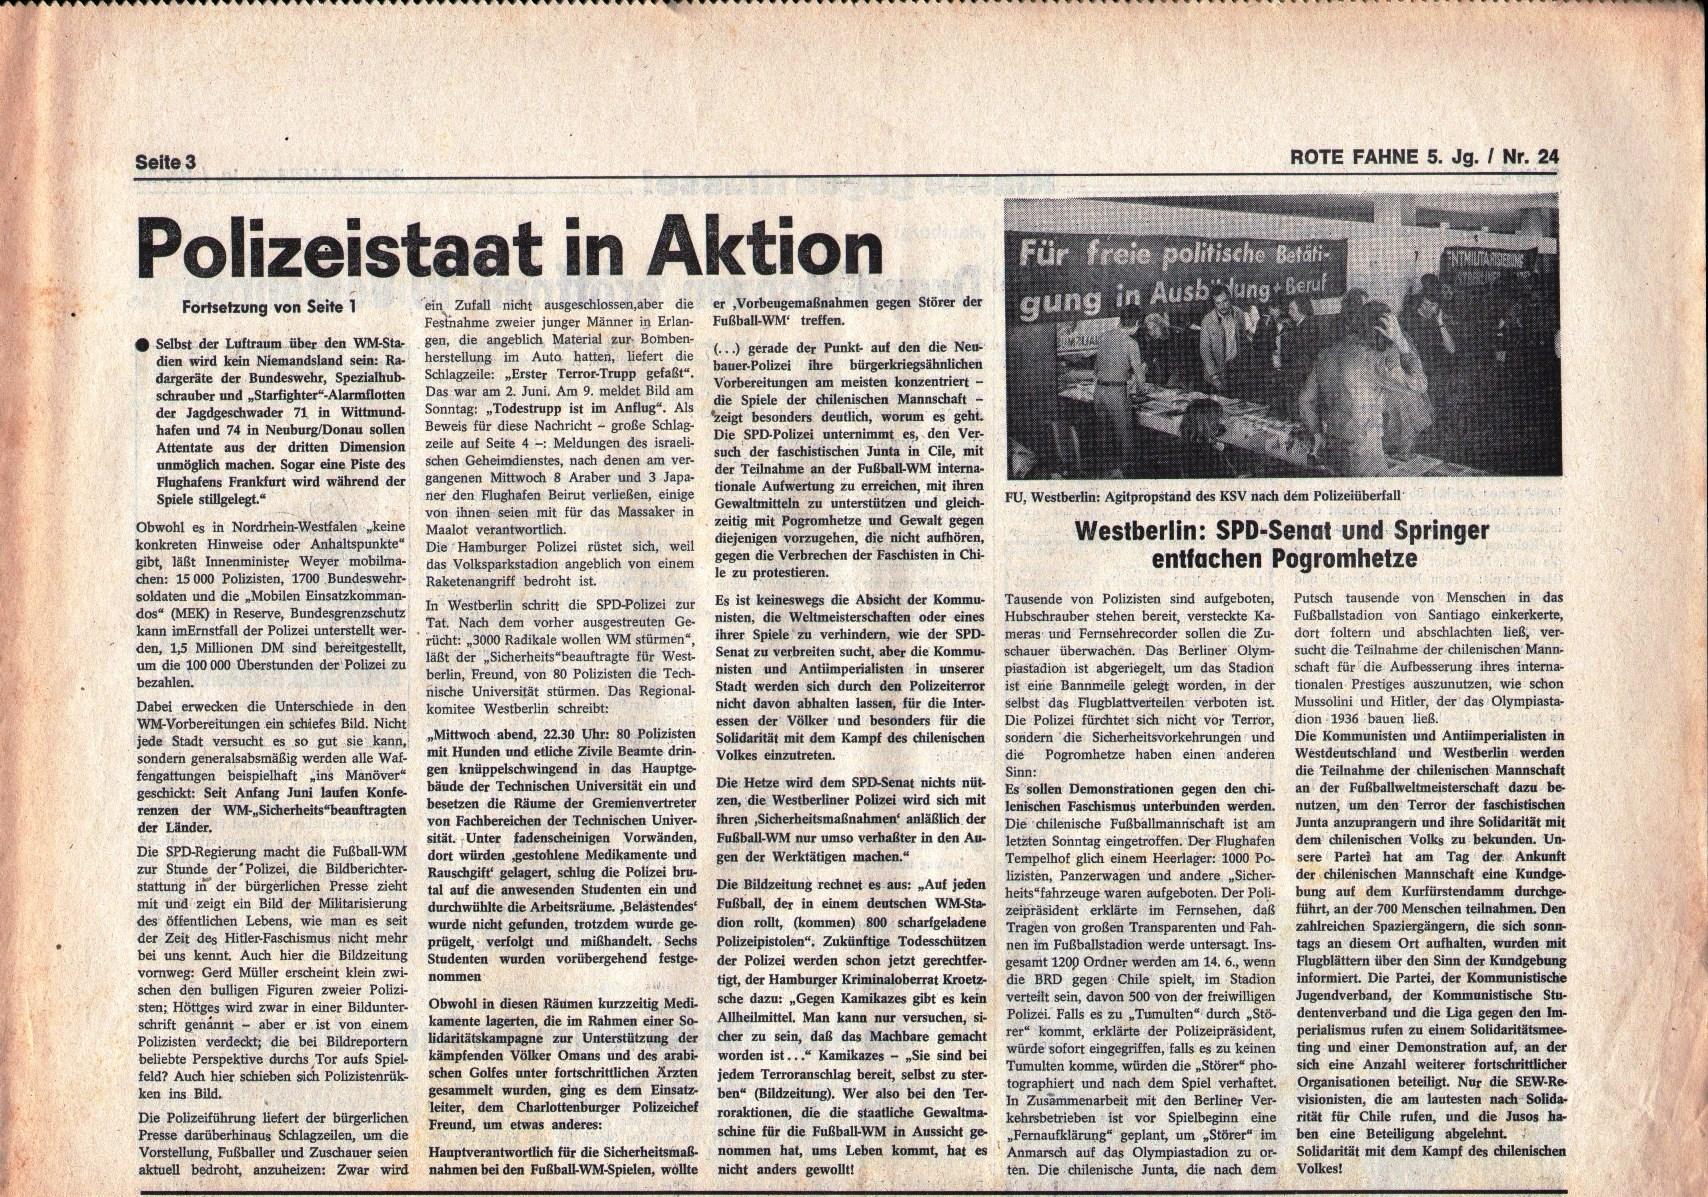 KPD_Rote_Fahne_1974_24_05